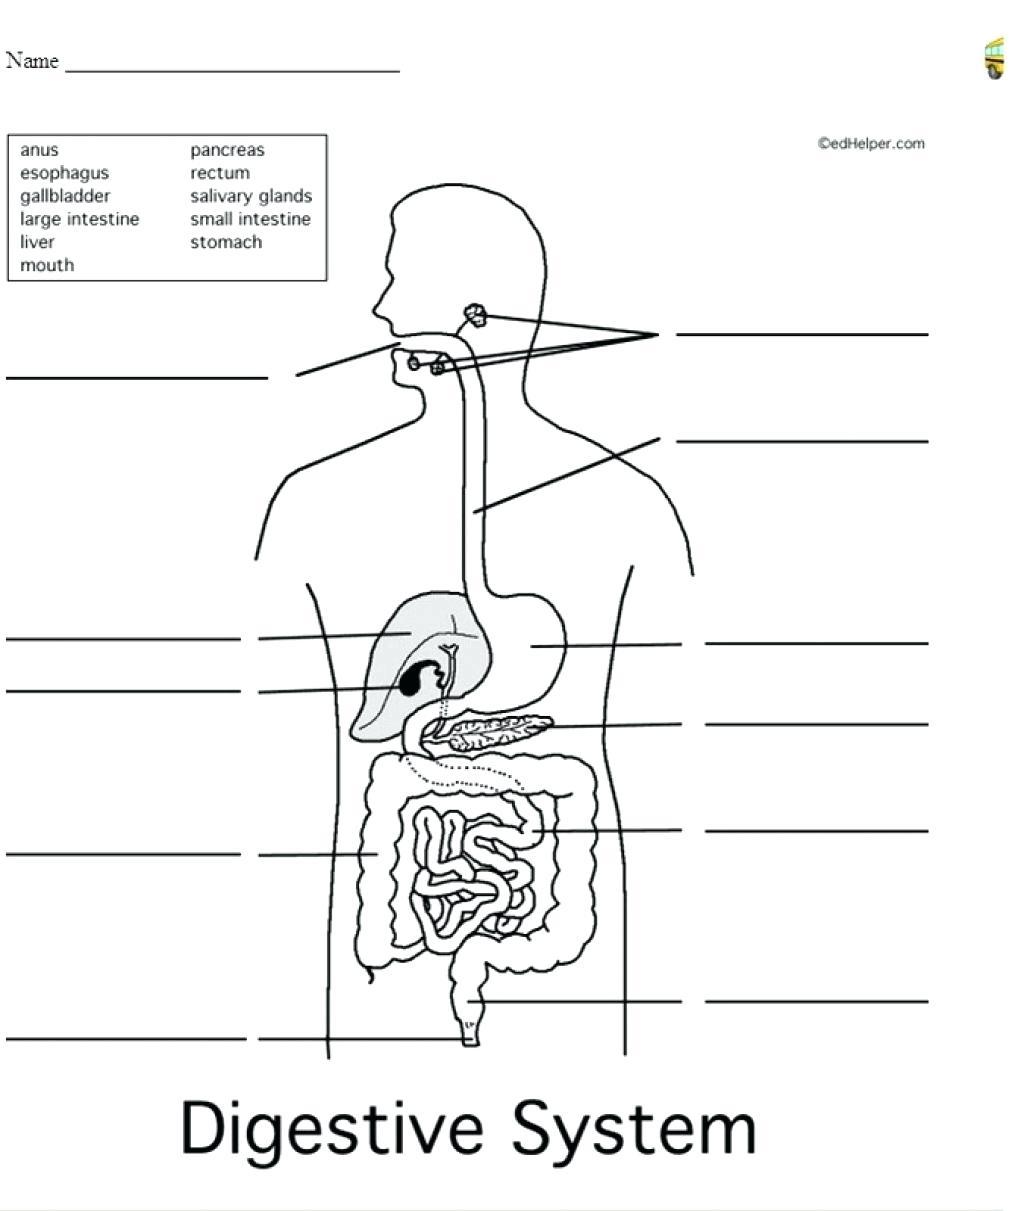 Digestive System Diagram Worksheet Diagram For Kids Simple Digestive System Diagram For Kids Digestive